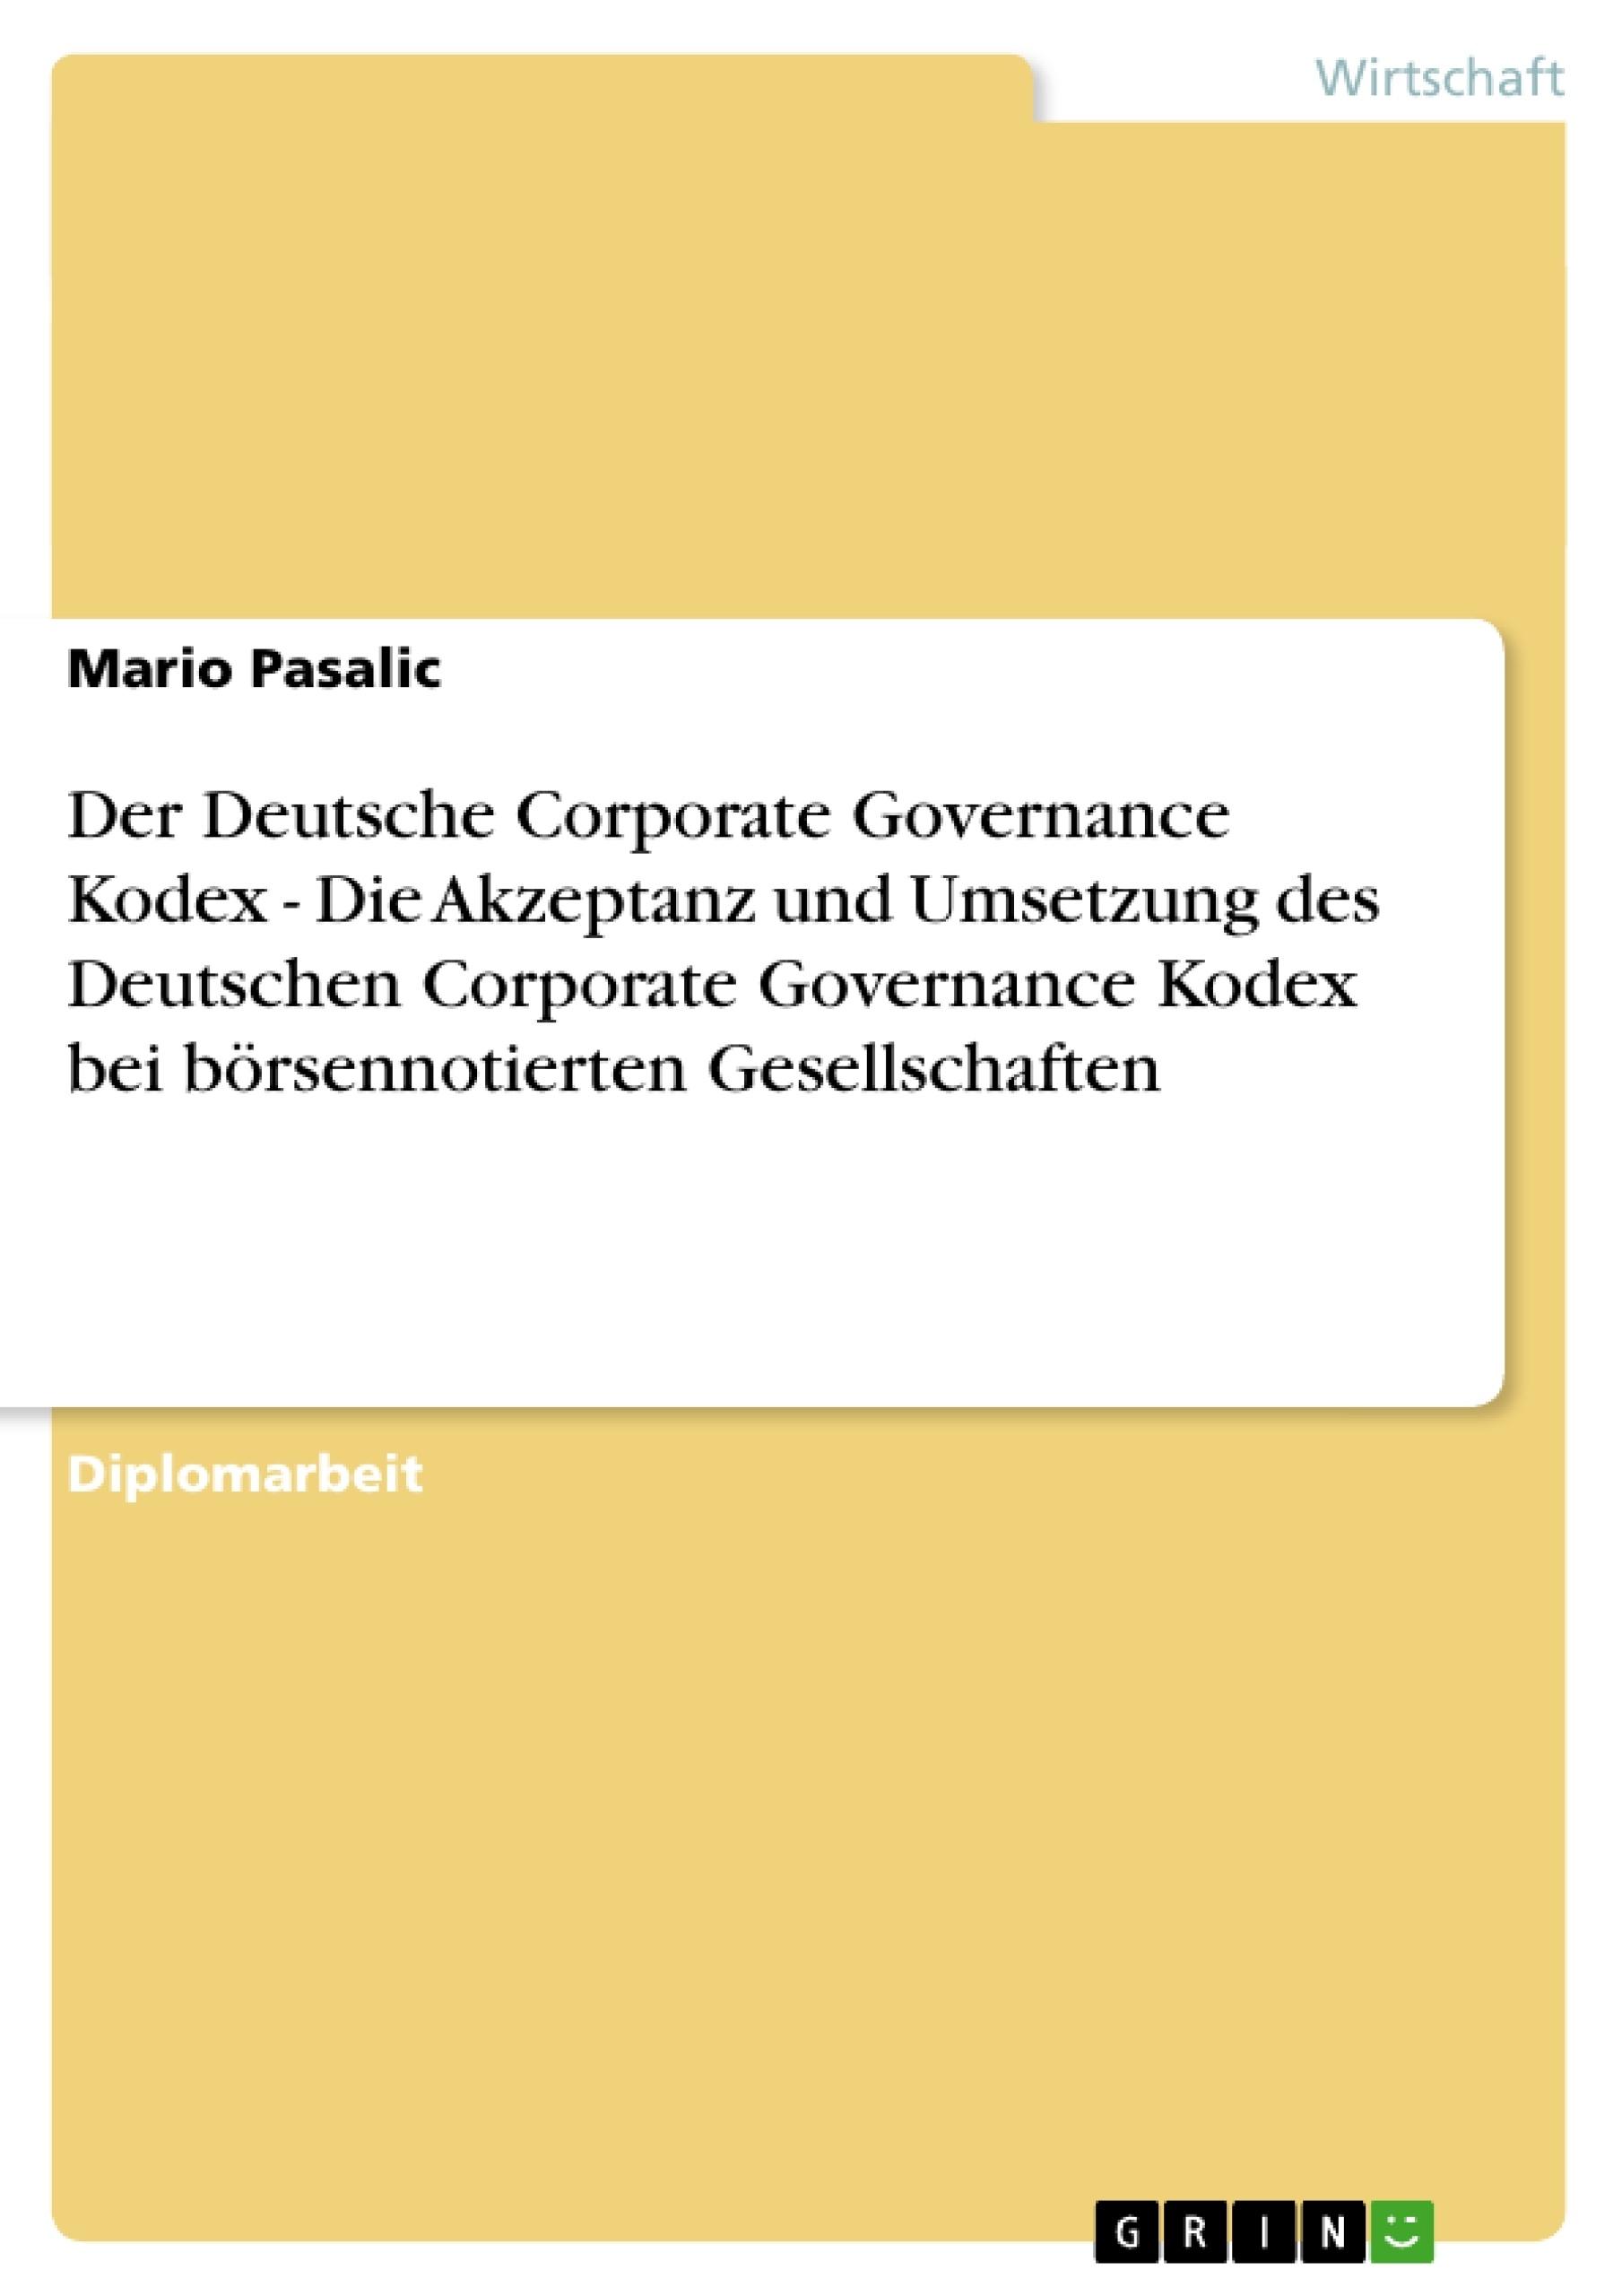 Titel: Der Deutsche Corporate Governance Kodex - Die Akzeptanz und Umsetzung des Deutschen Corporate Governance Kodex bei börsennotierten Gesellschaften